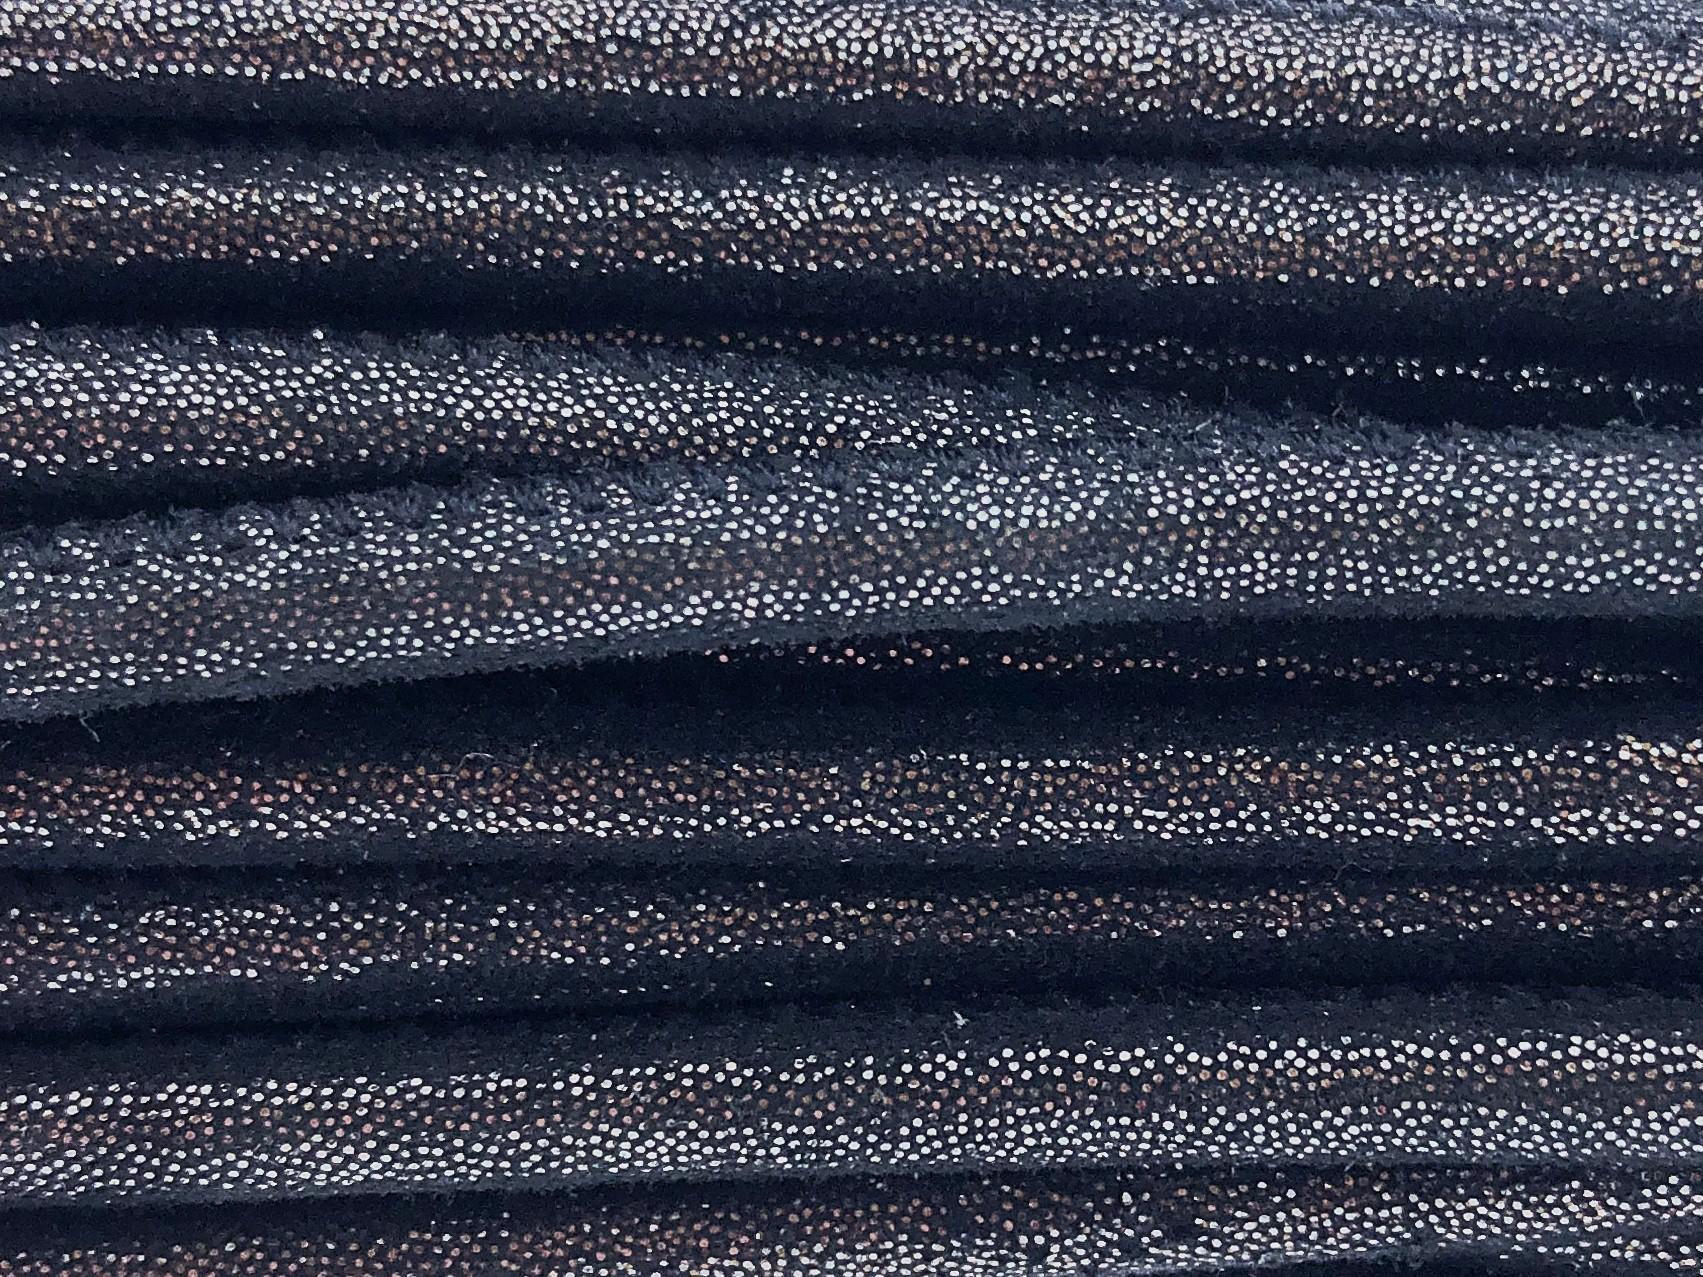 High Quality gestikt leer rond 4mm met print multidot black per 20cm